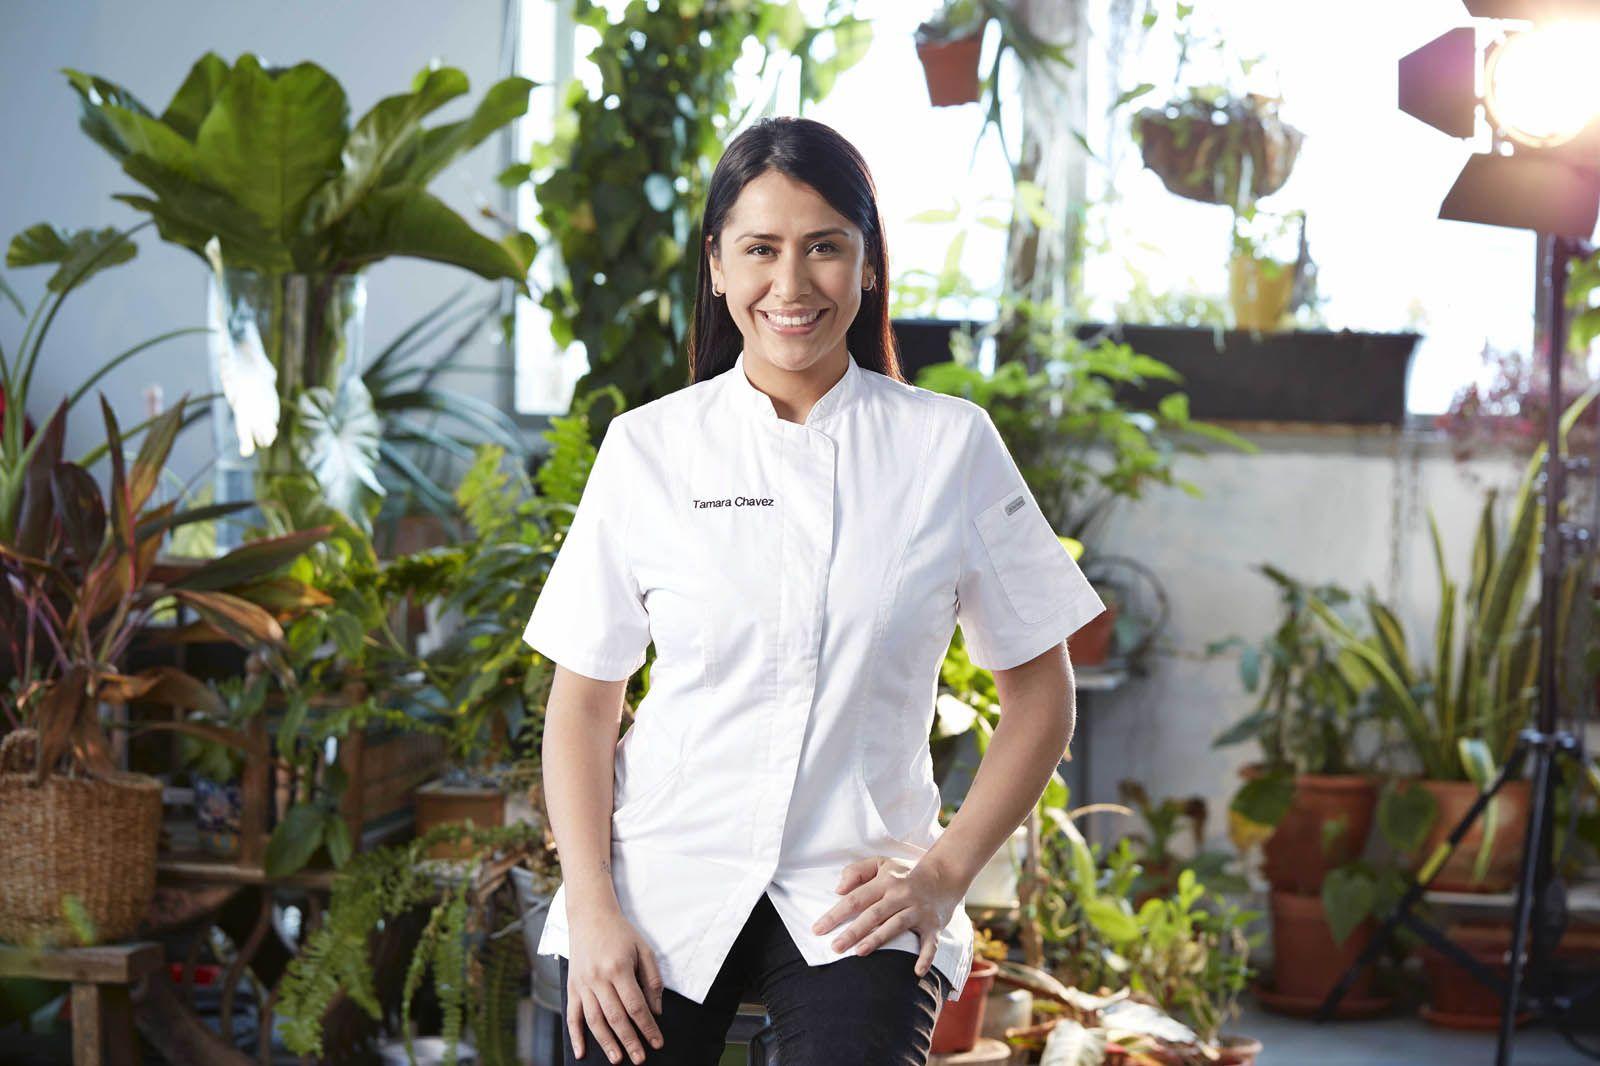 Head chef Tamara Chavez